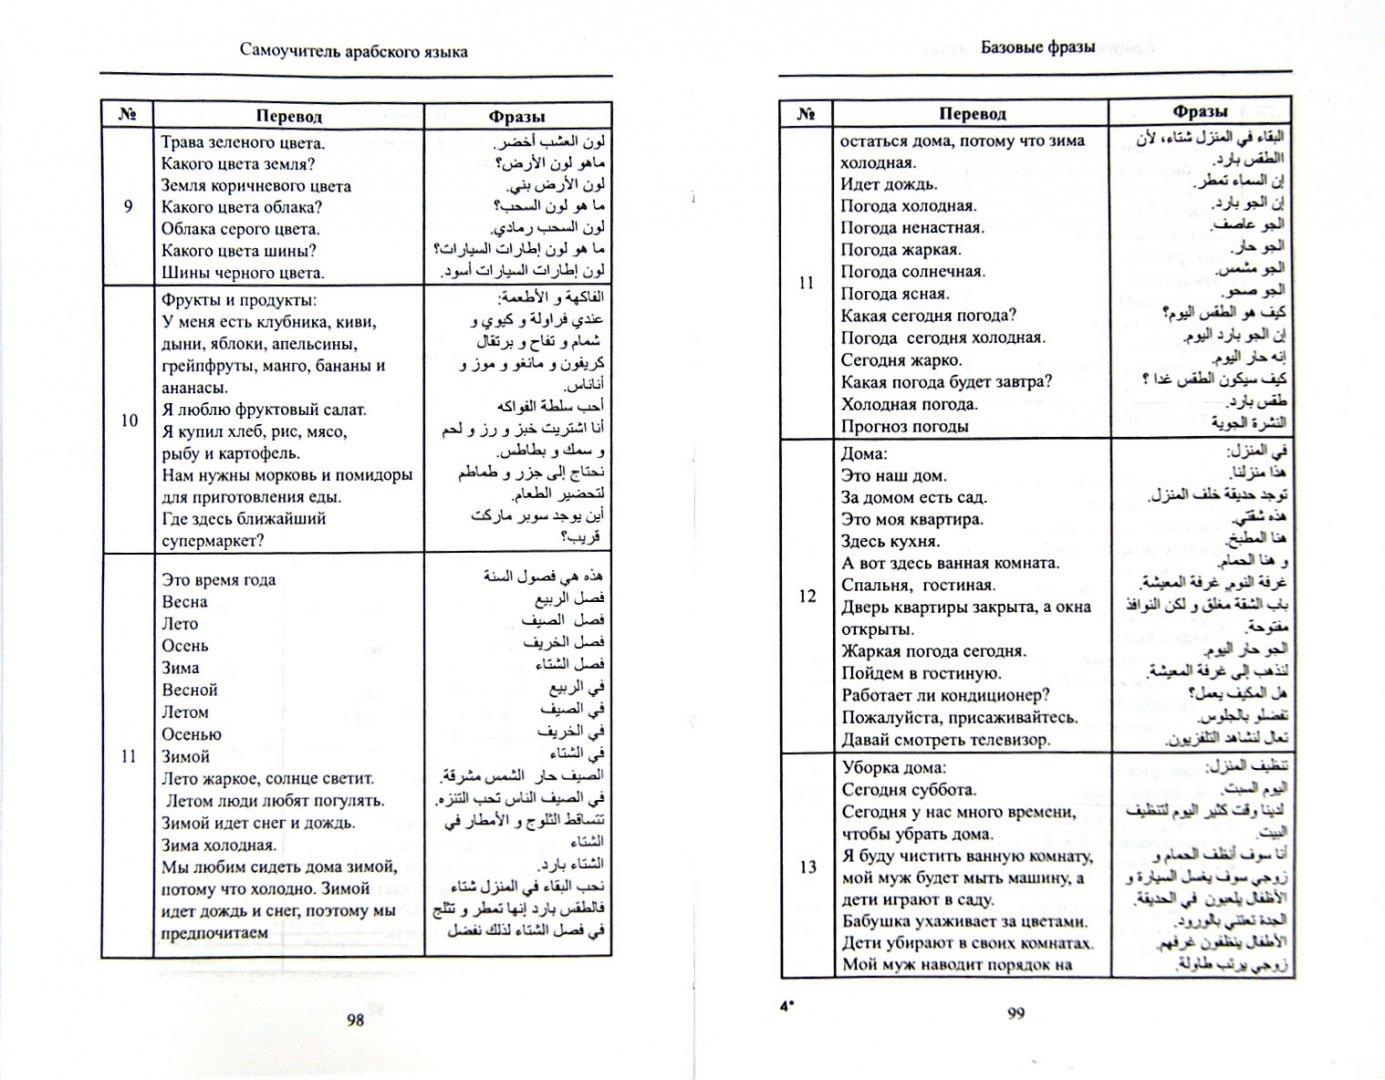 Иллюстрация 1 из 19 для Полный самоучитель арабского языка (+CD) - Кандалфт, Ковалева   Лабиринт - книги. Источник: Лабиринт